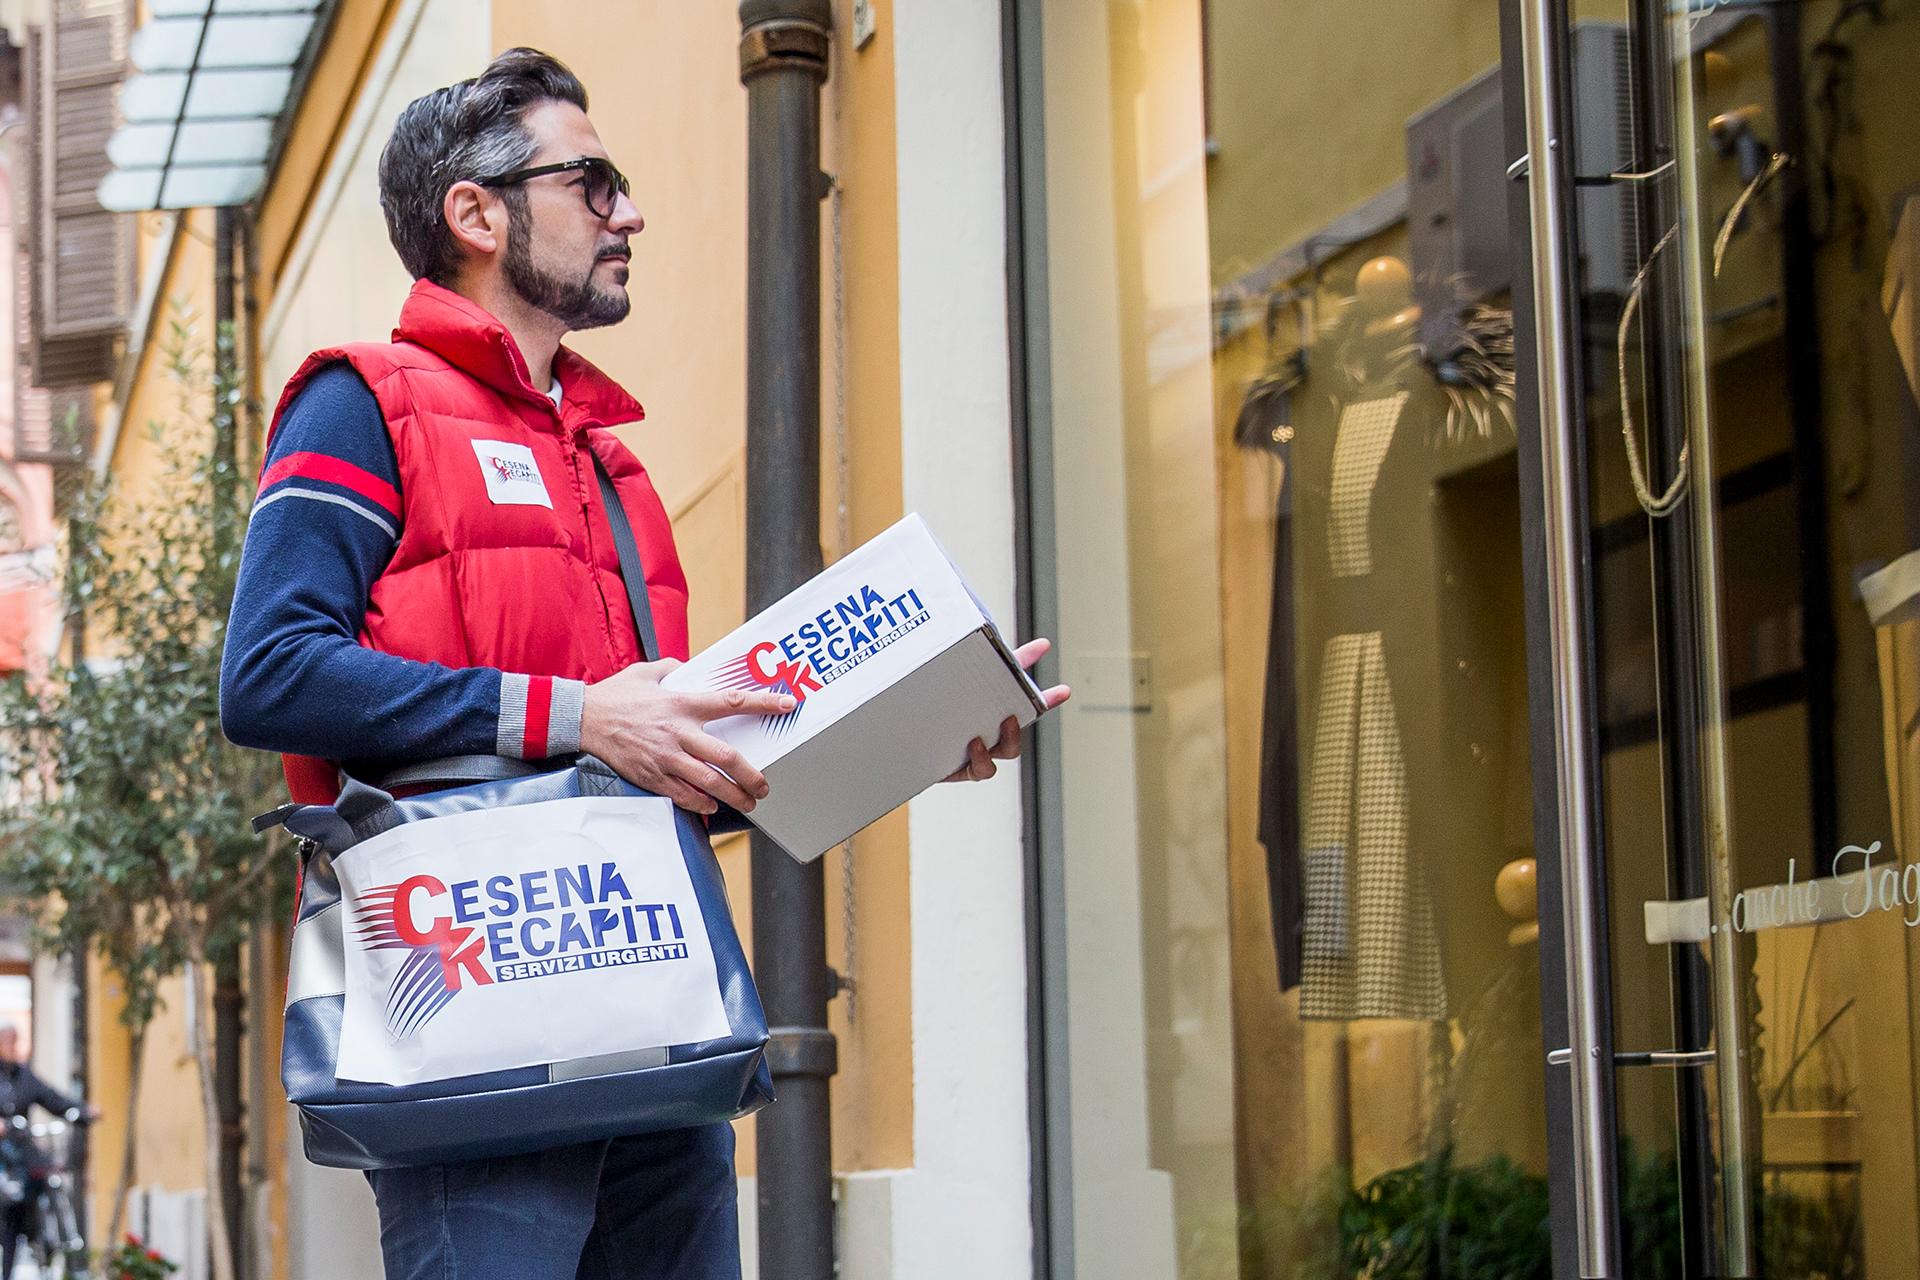 cesena-recapiti-e-commerce